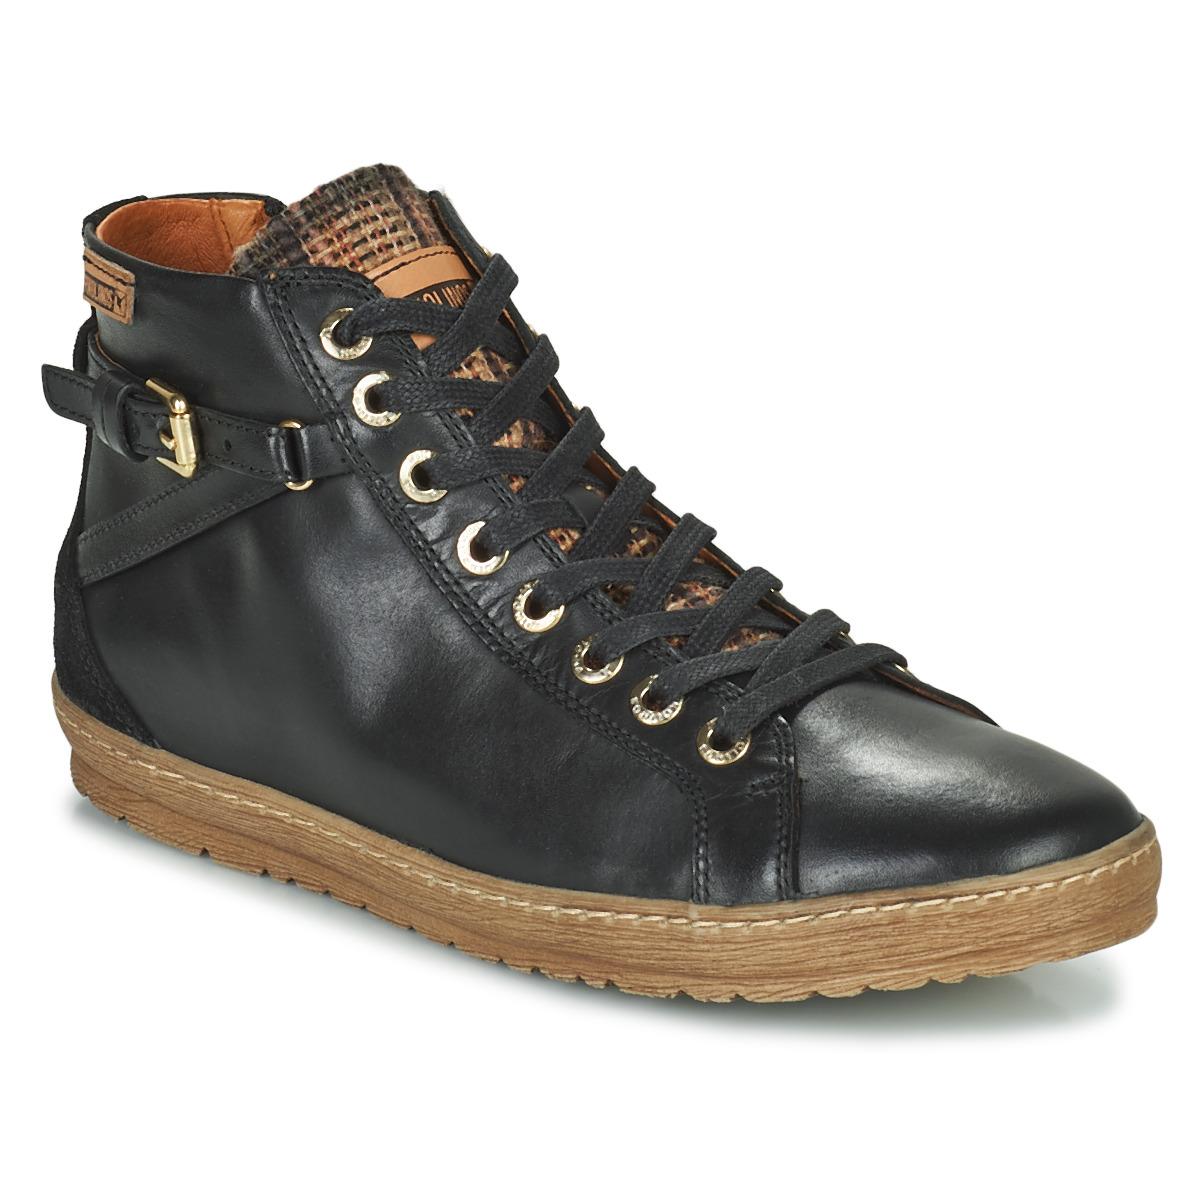 pikolinos lagos 901 noir chaussure pas cher avec chaussures basket montante femme. Black Bedroom Furniture Sets. Home Design Ideas